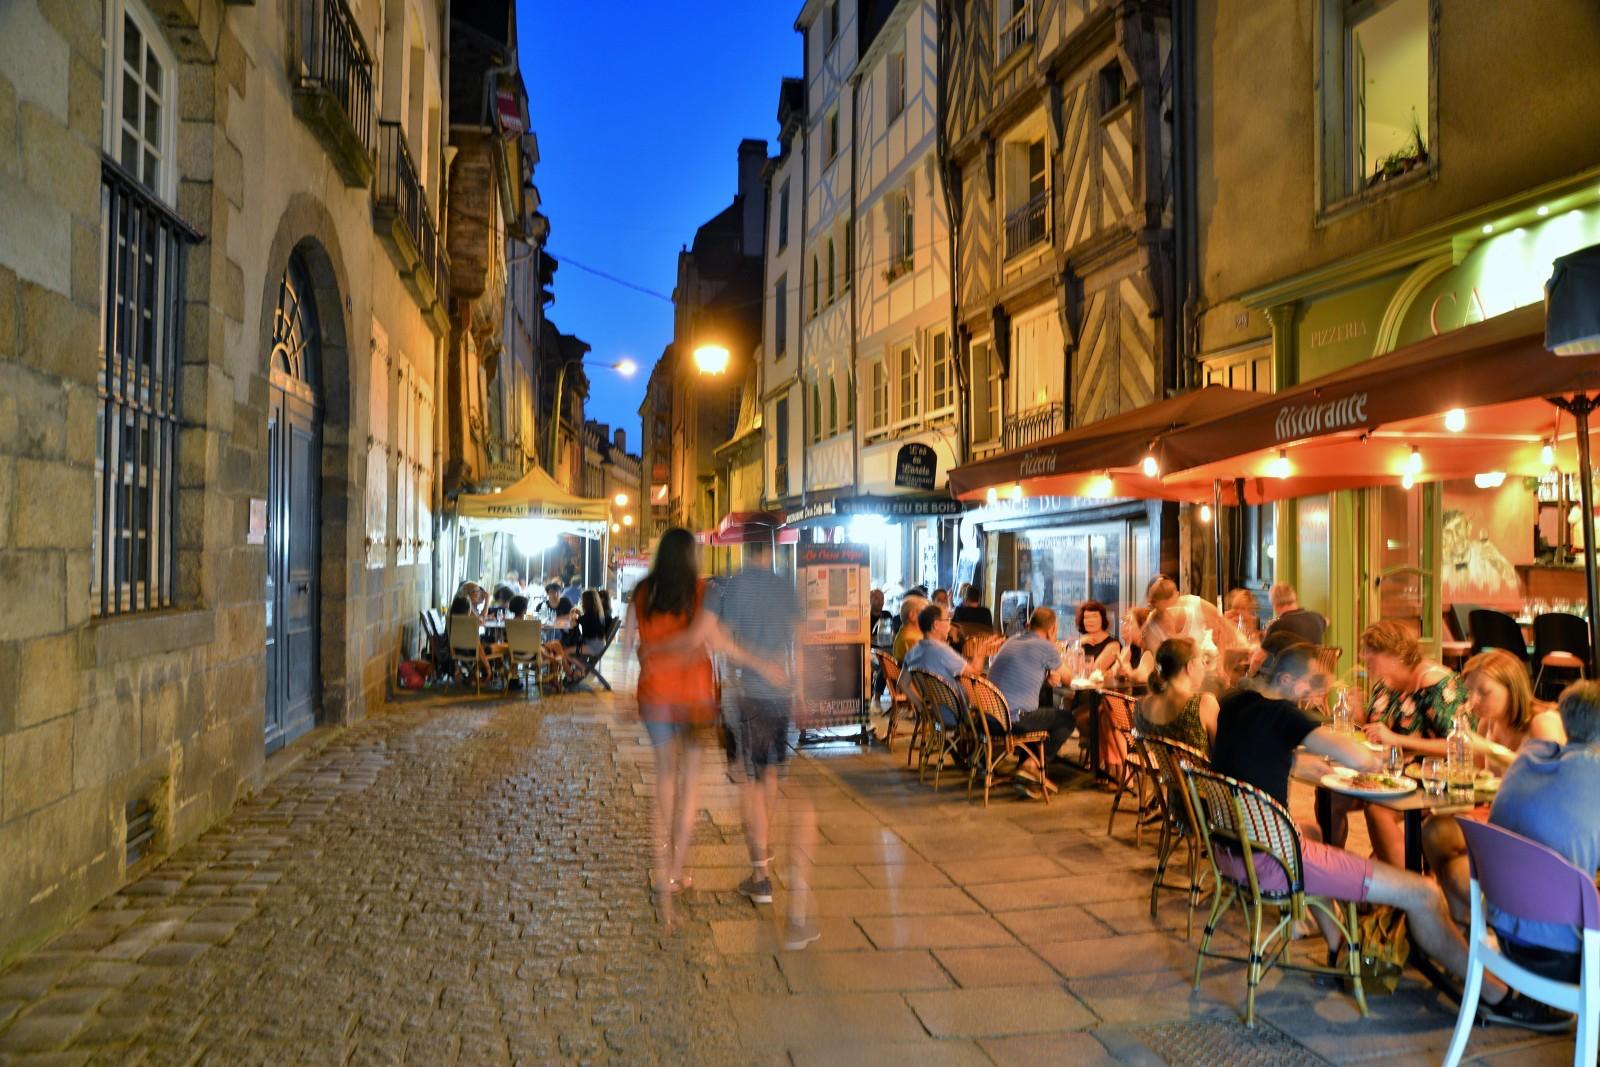 La nuit dans la rue Saint-Georges